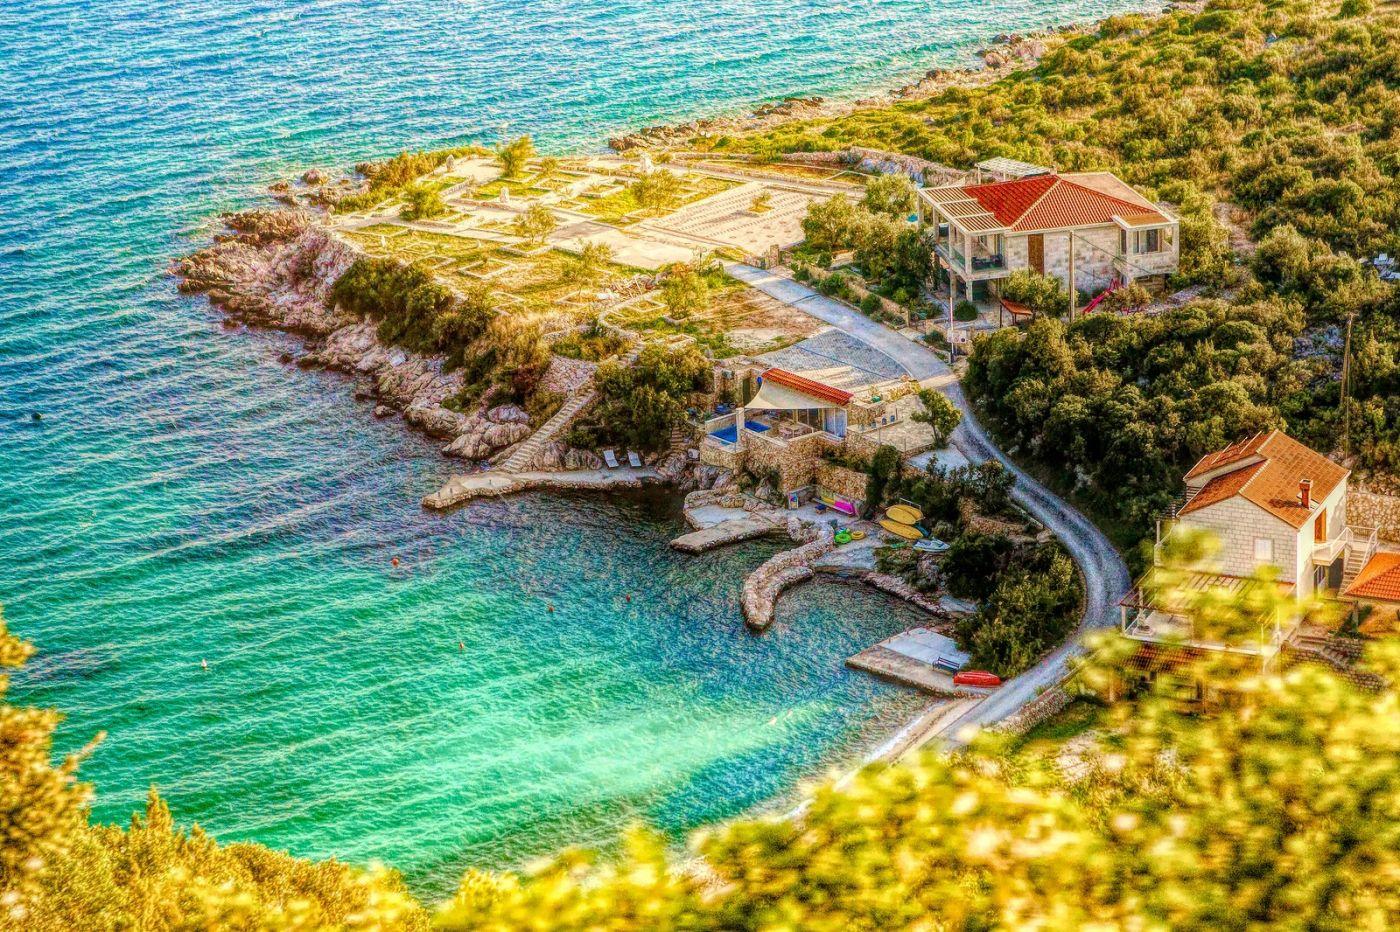 克羅地亞旅途,遠處的海灣_圖1-22